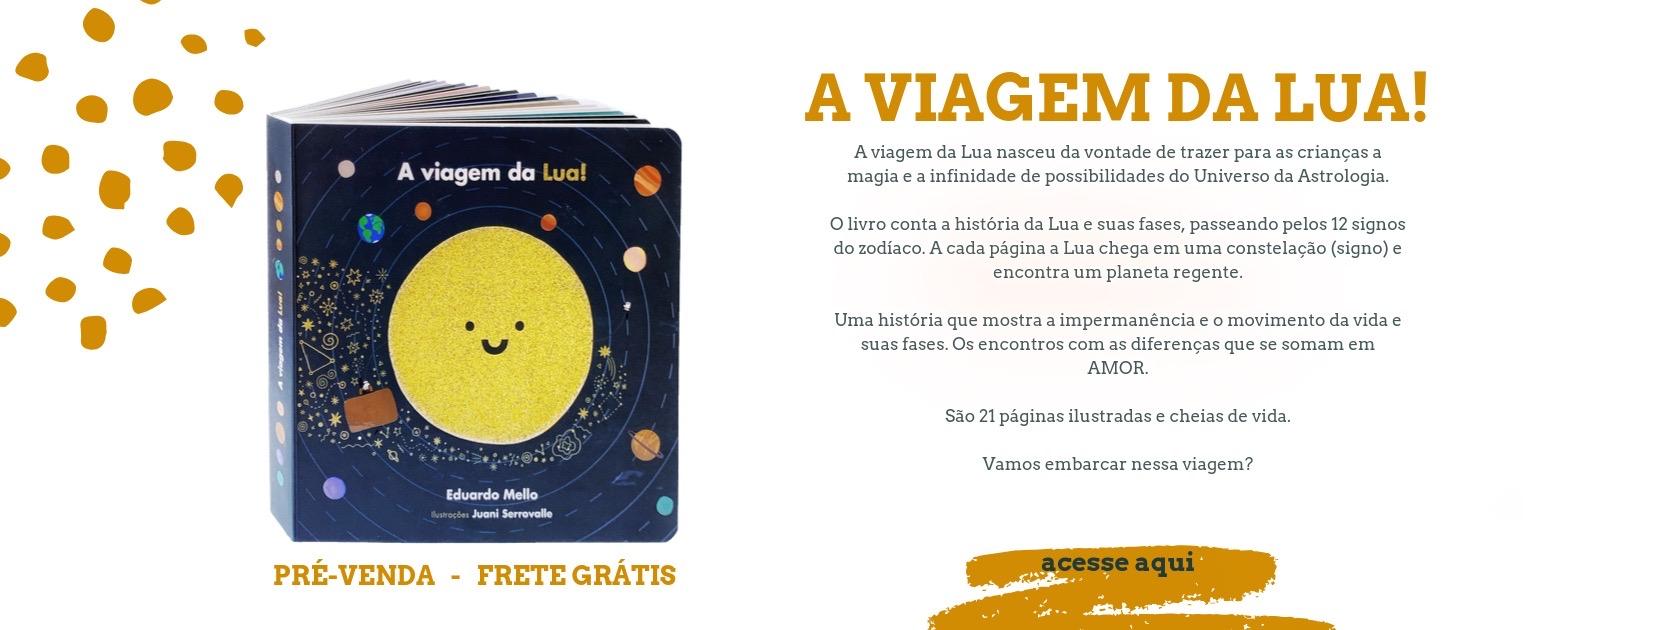 A Viagem da Lua! - PRÉ-VENDA